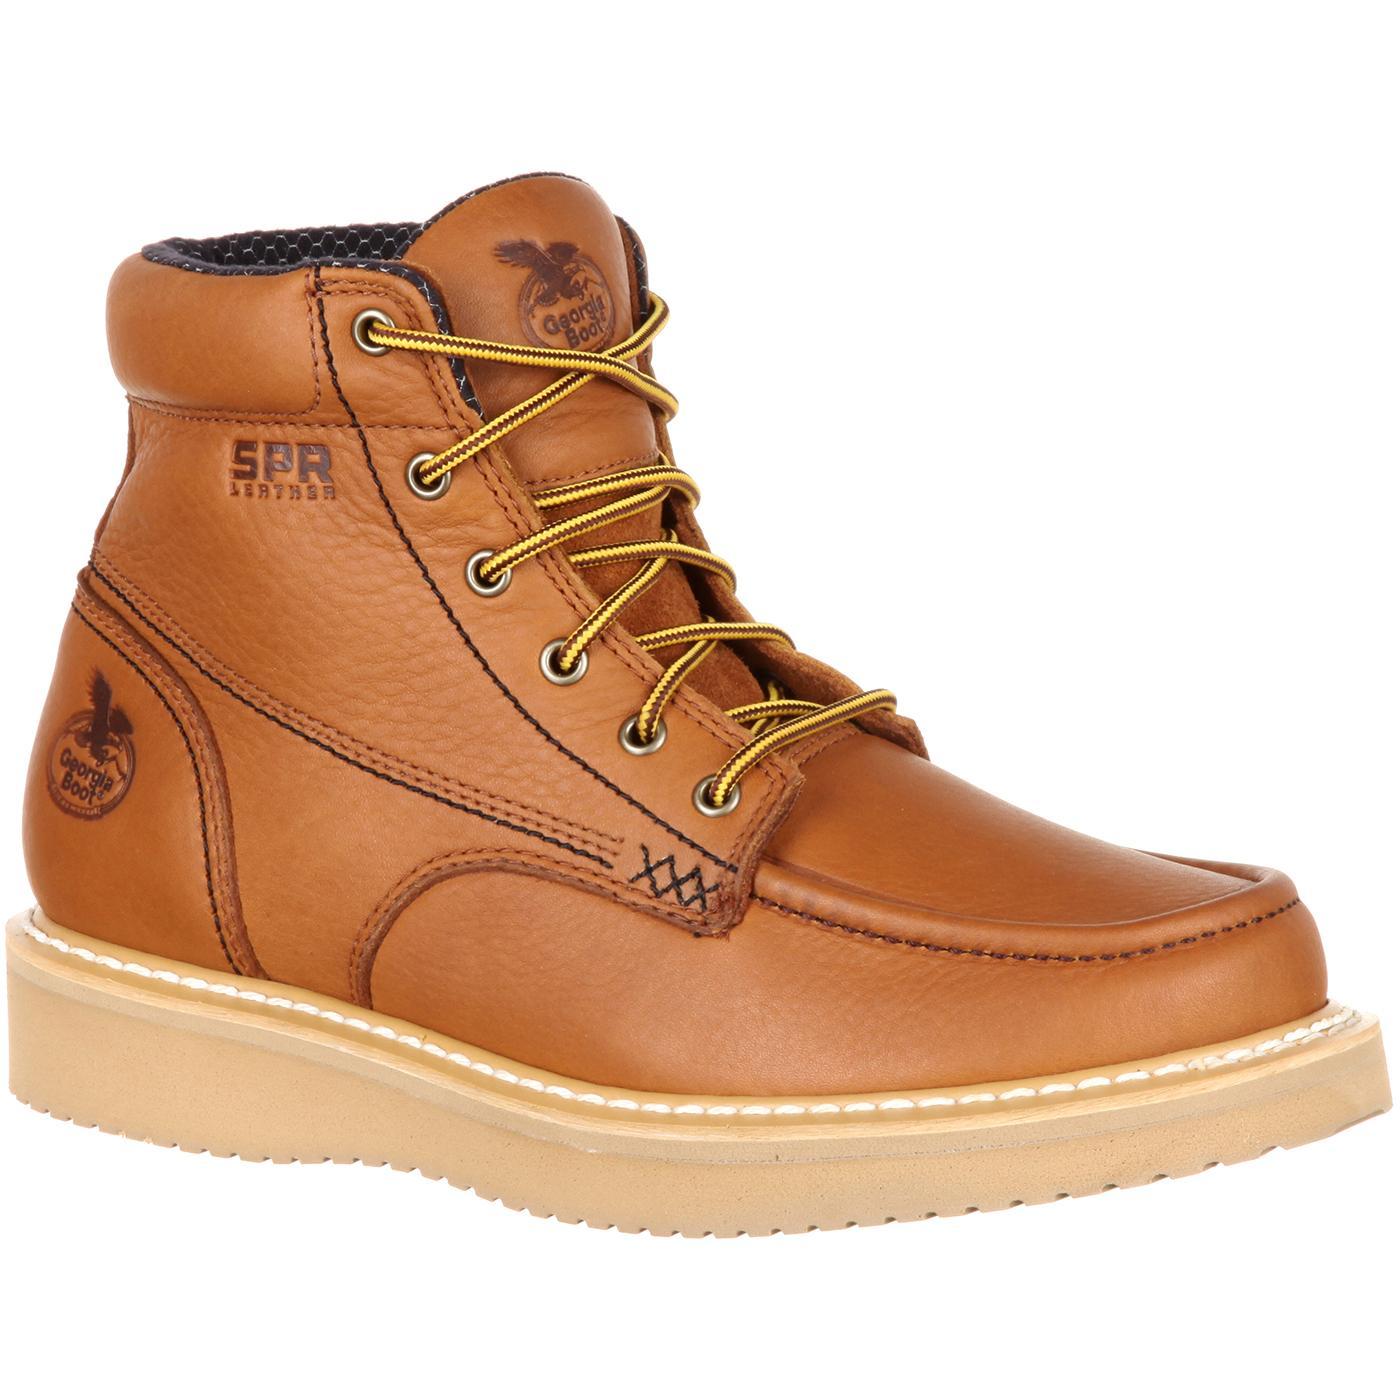 566b7faaf29 Georgia Boot Moc-Toe Wedge Work Boot